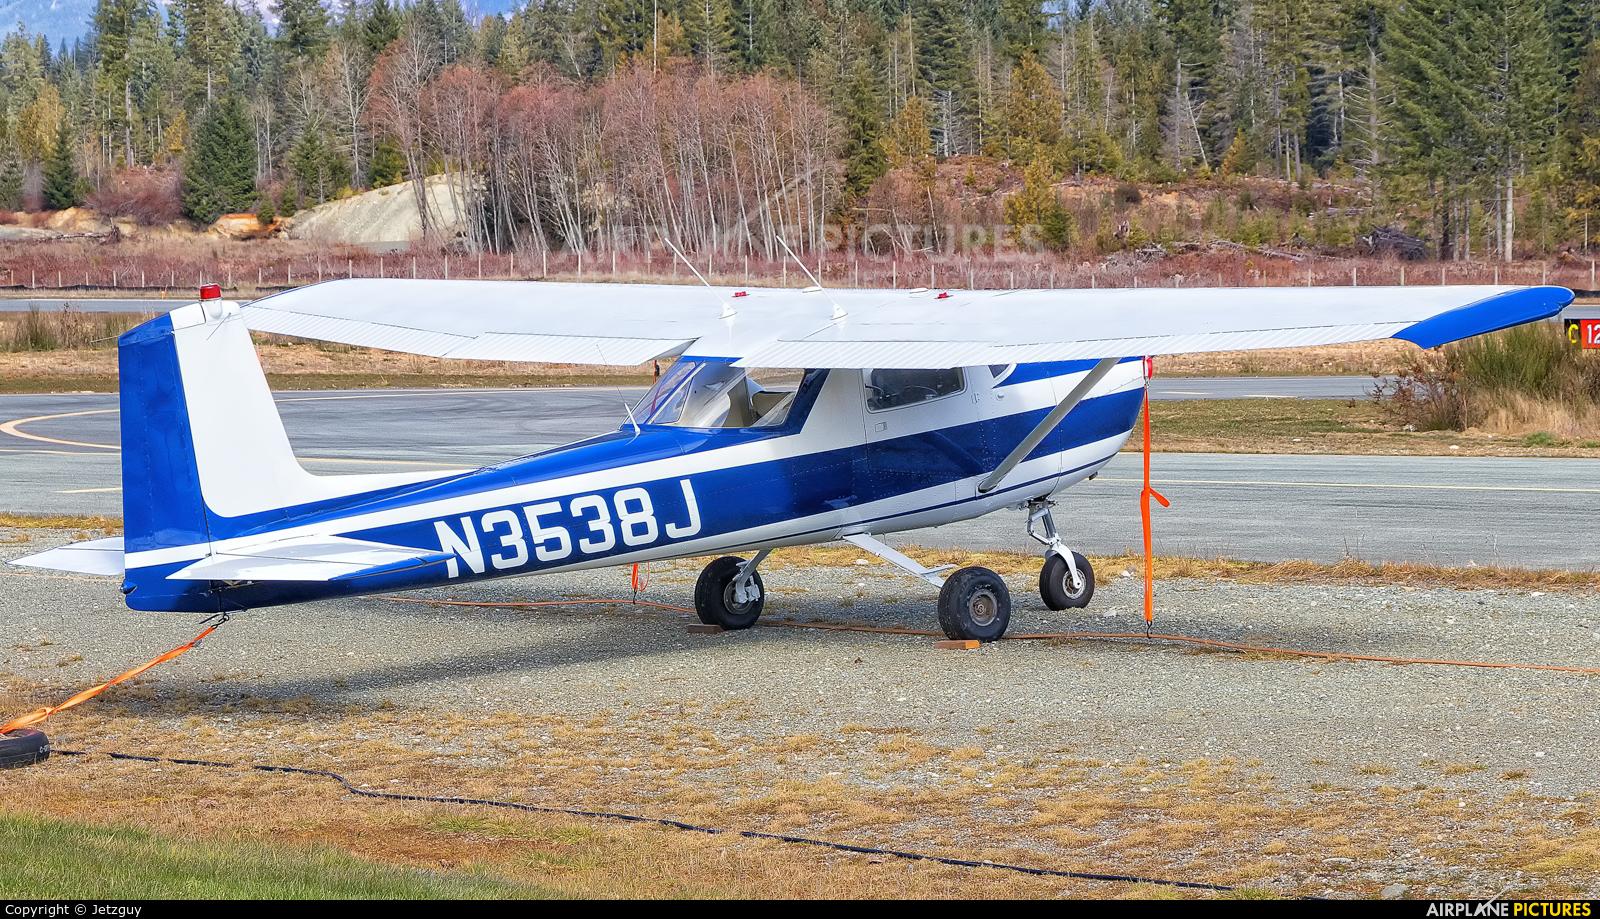 Private N3538J aircraft at Port Alberni, BC